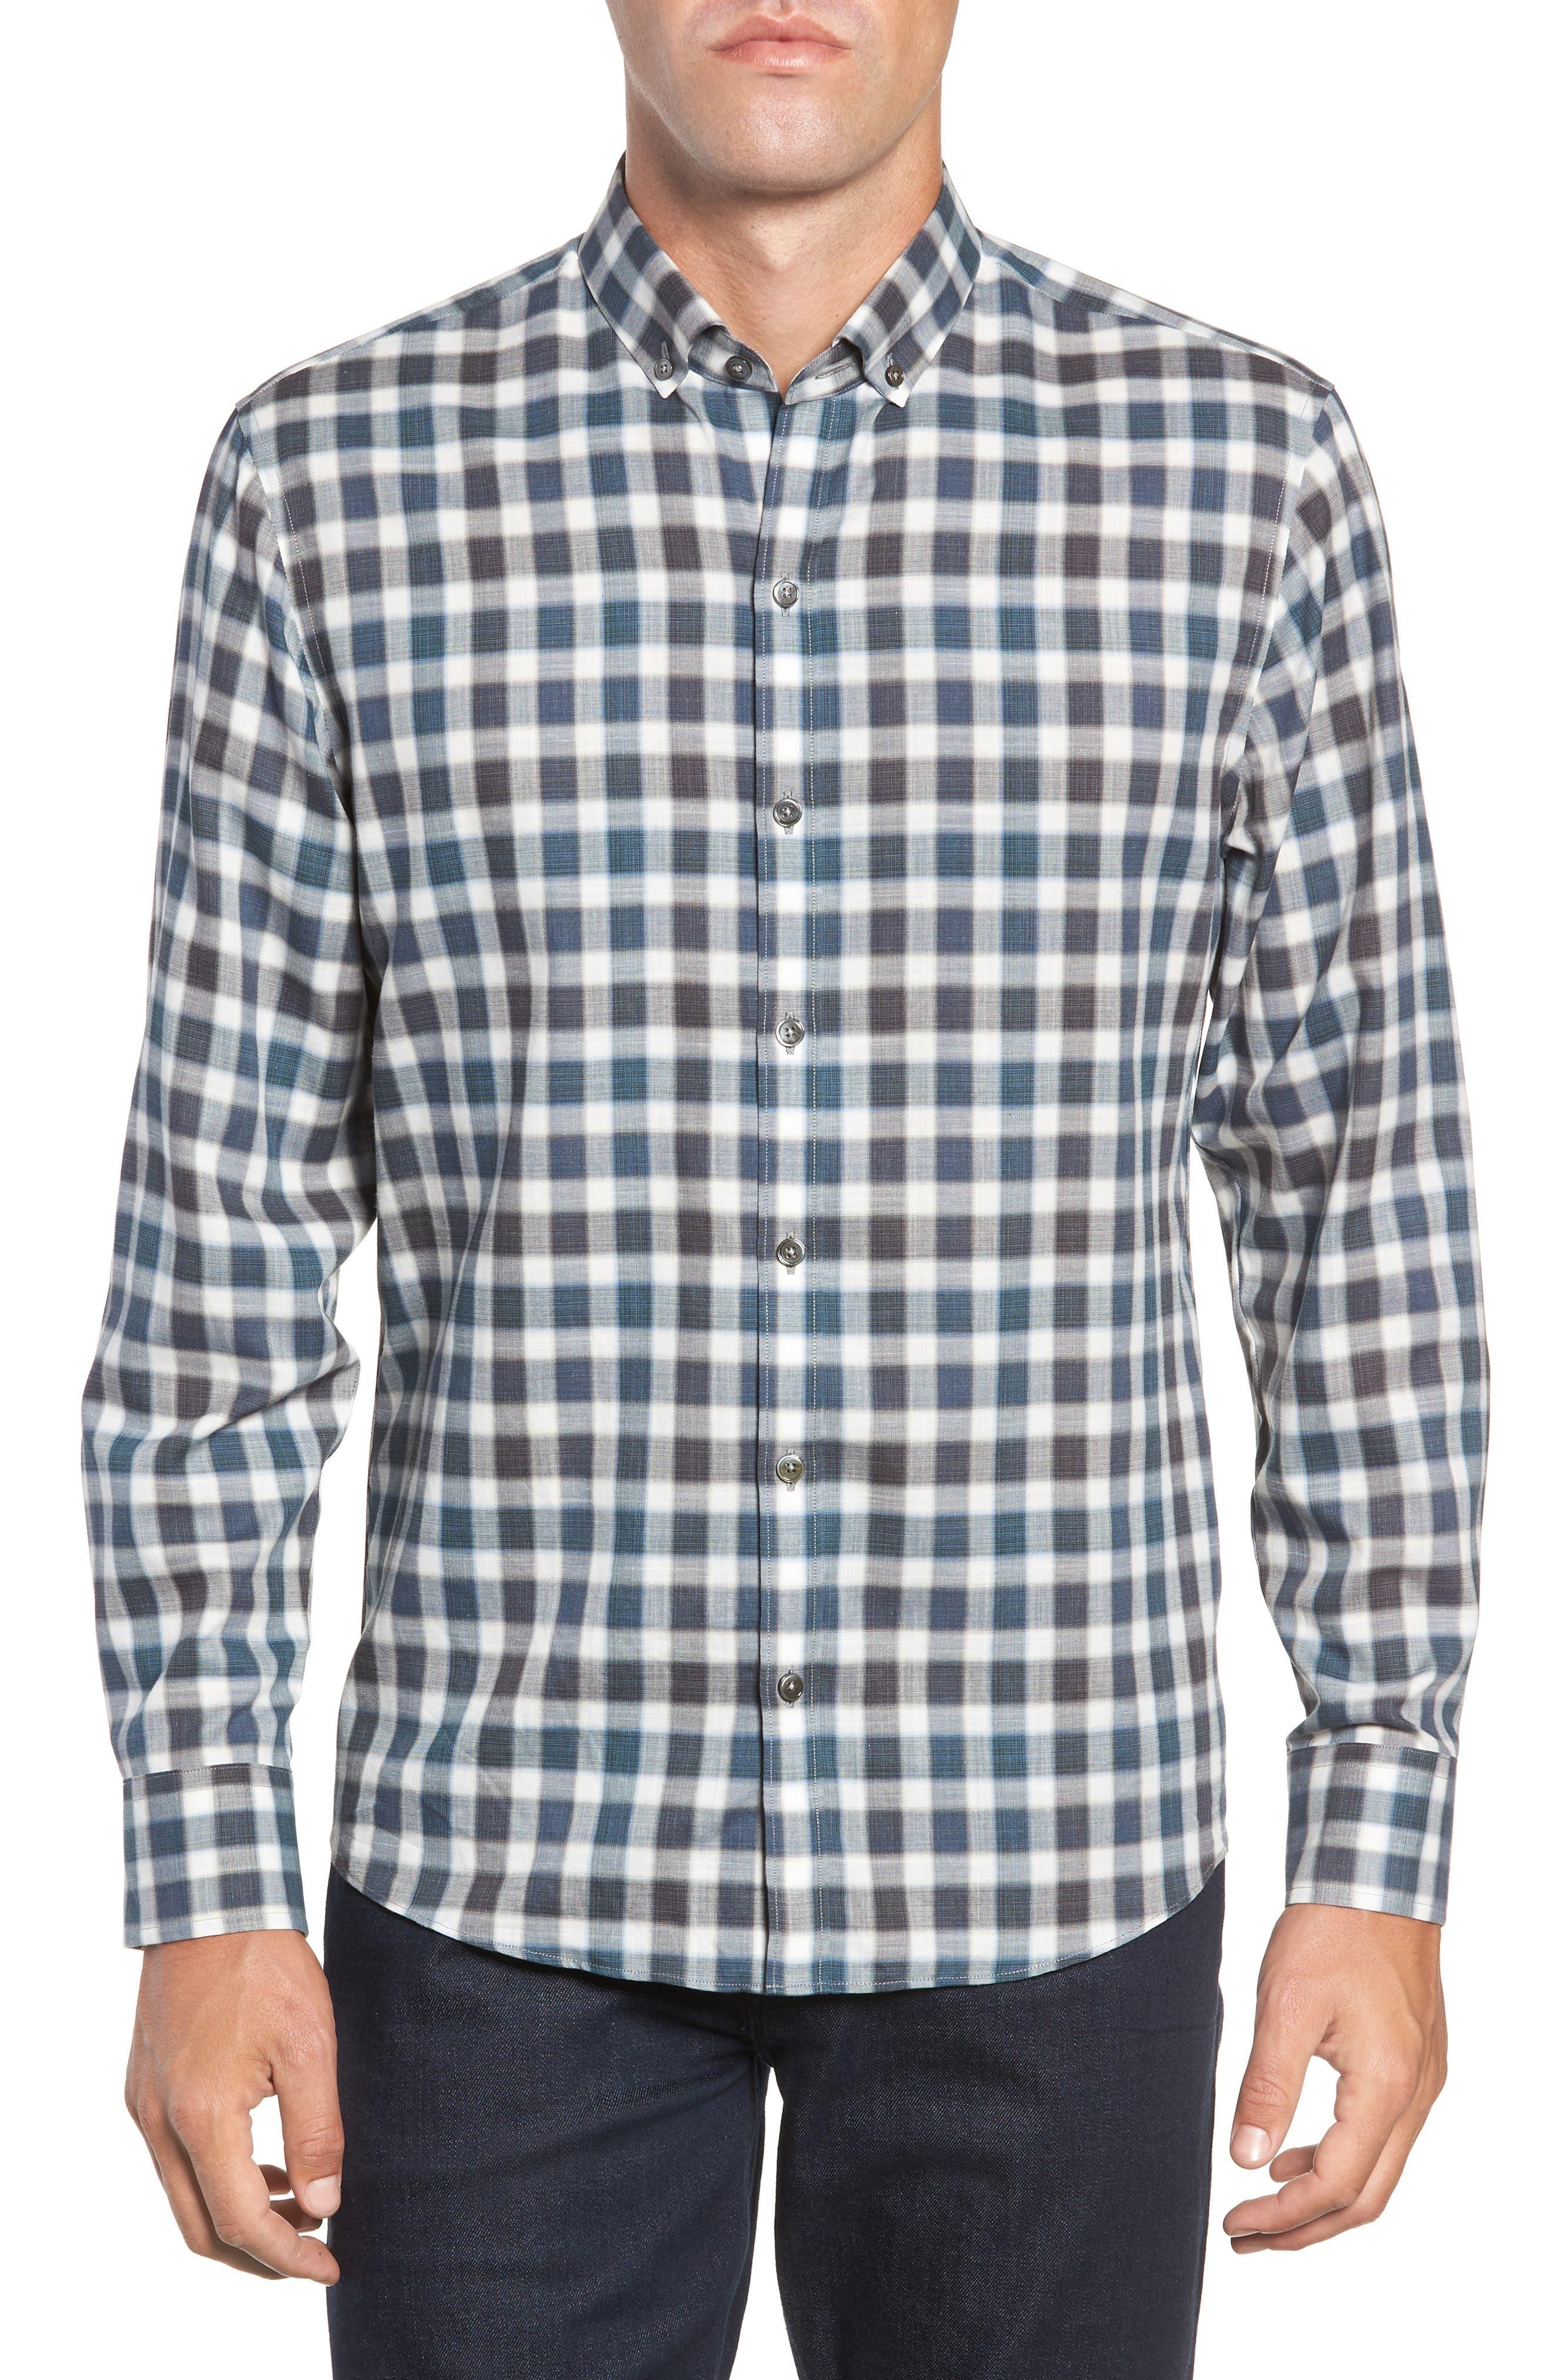 Buffa Plaid Flannel Sport Shirt,                         Main,                         color, DARK TEAL